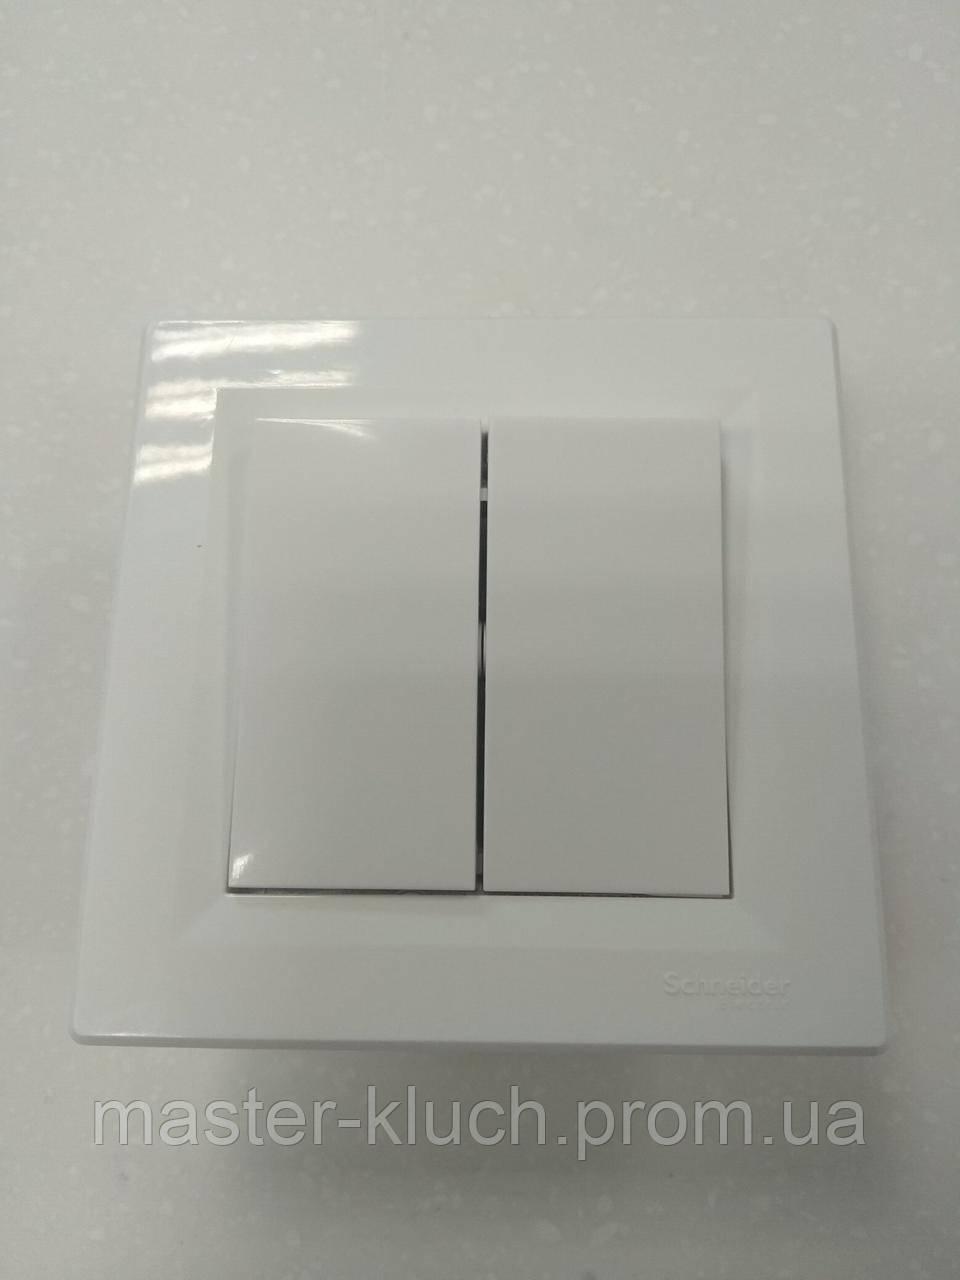 Выключатель маршевый двухклавишный Schneider Electric Asfora